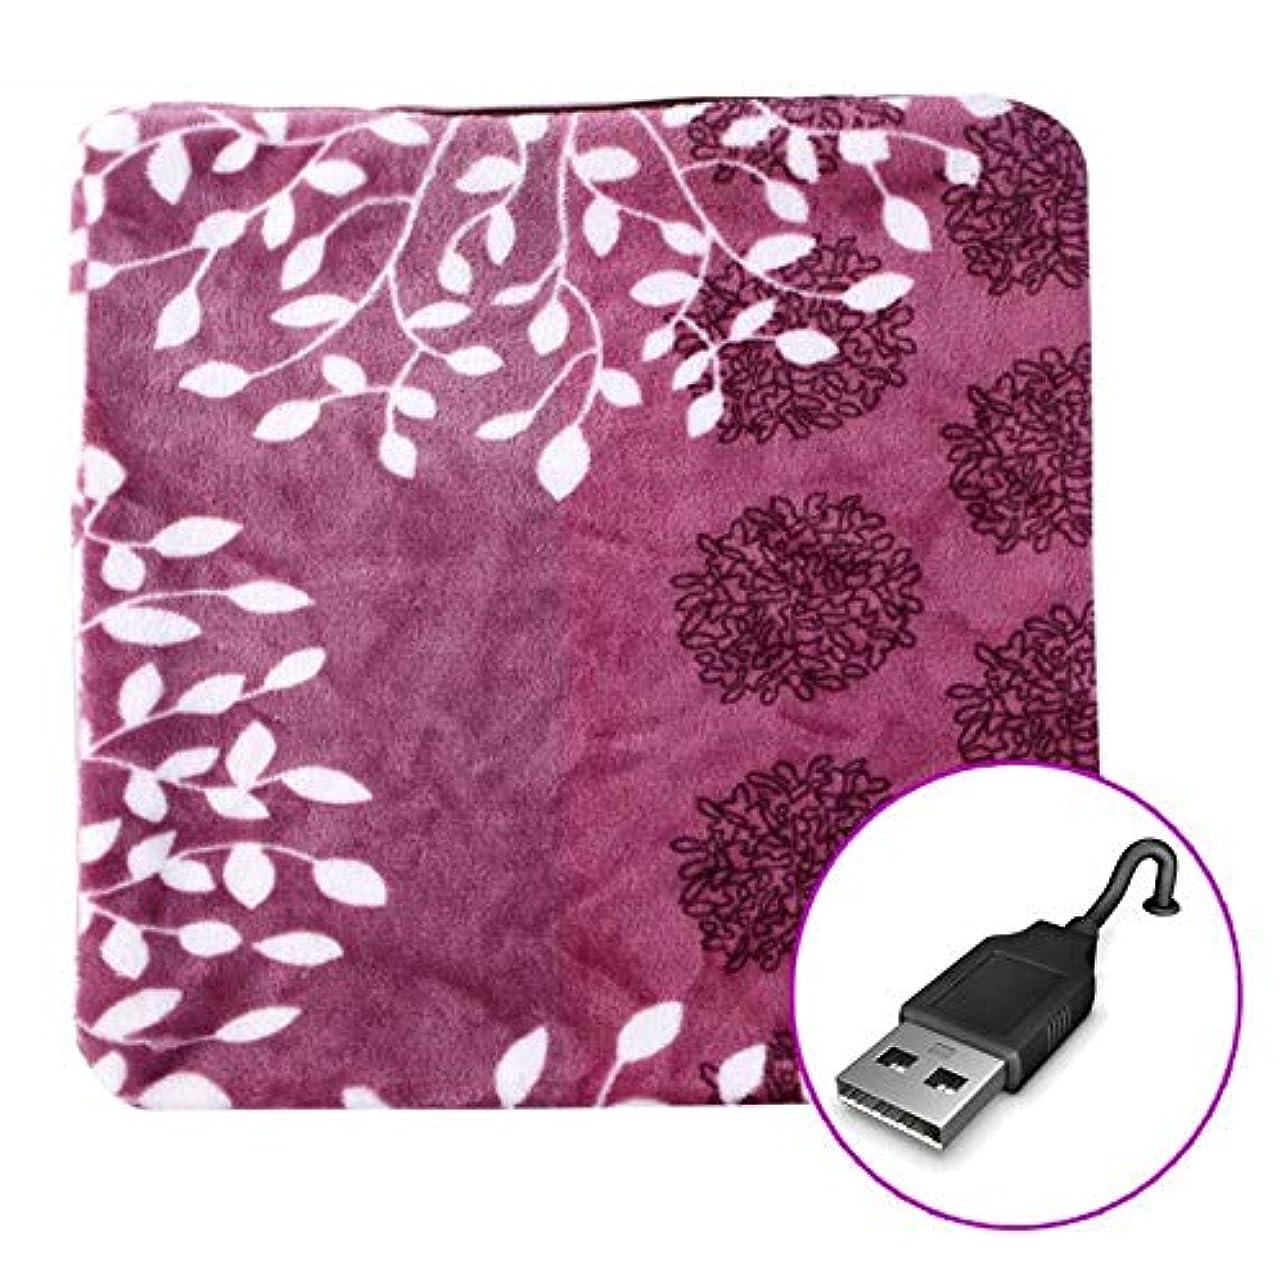 楽な案件溶かすLIFE 加熱クッション USB 45 × 45 センチメートルリムーバブルと洗える加熱パッド暖かいパッドオフィス電熱クッション電気加熱毛布クッション クッション 椅子